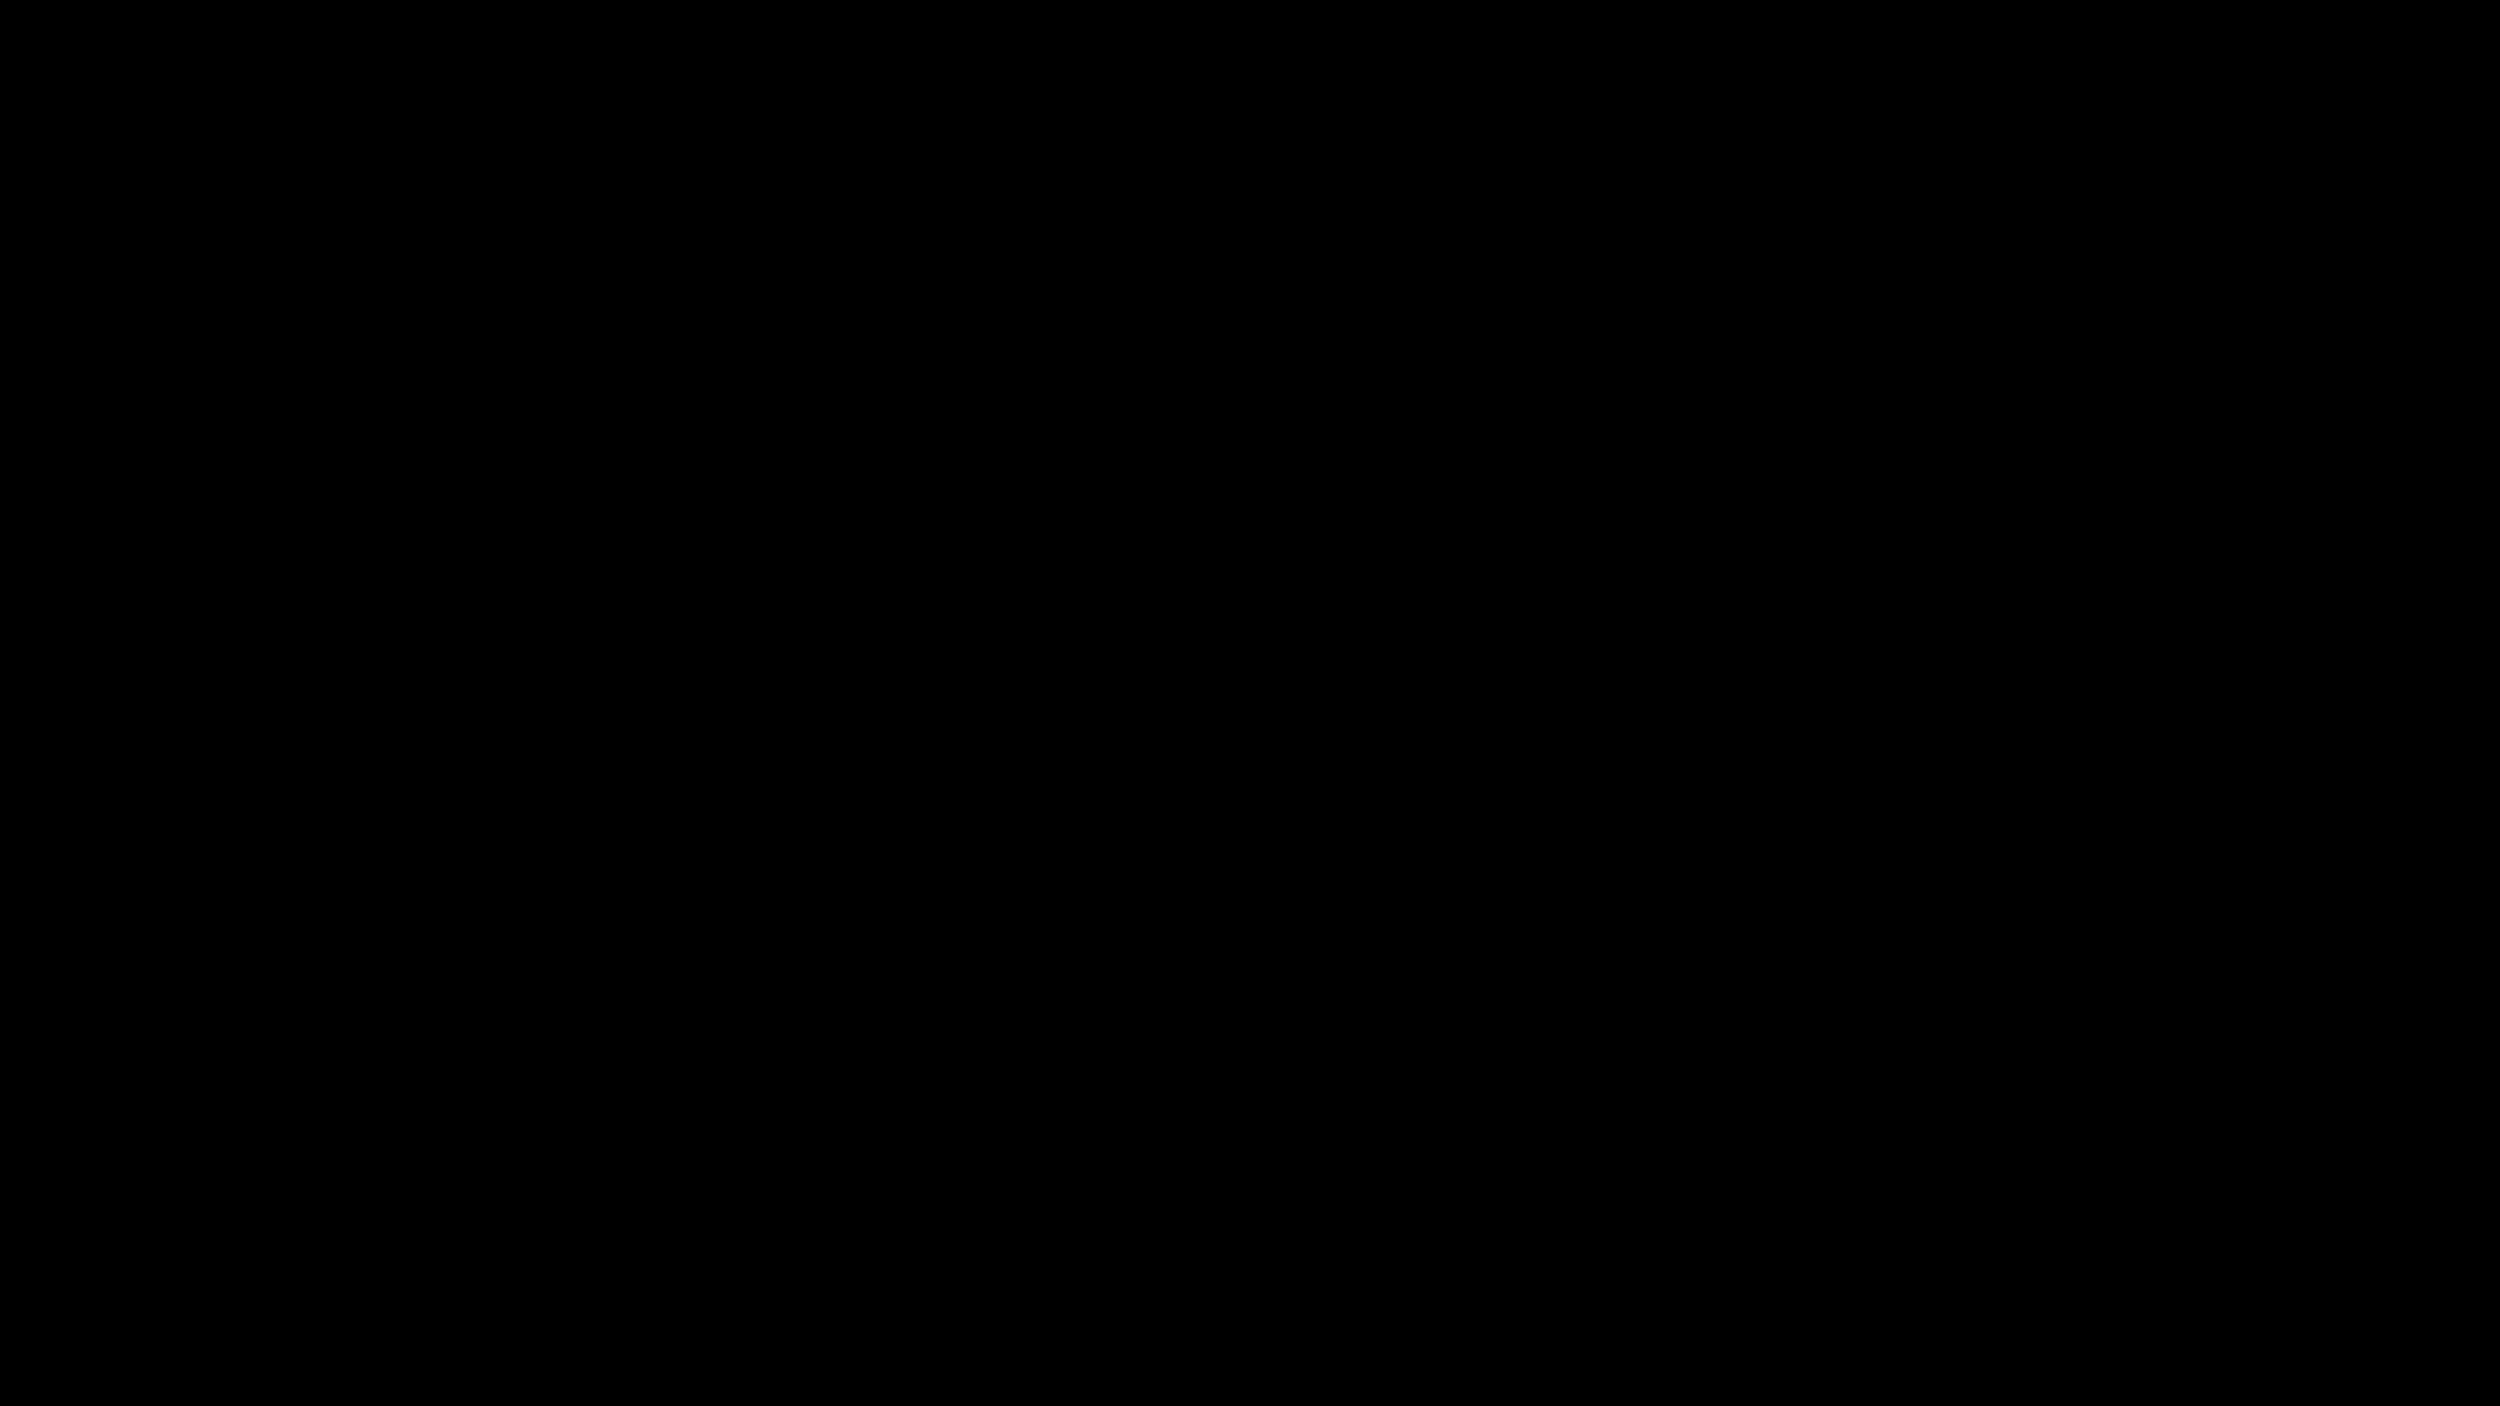 PLme-01.png